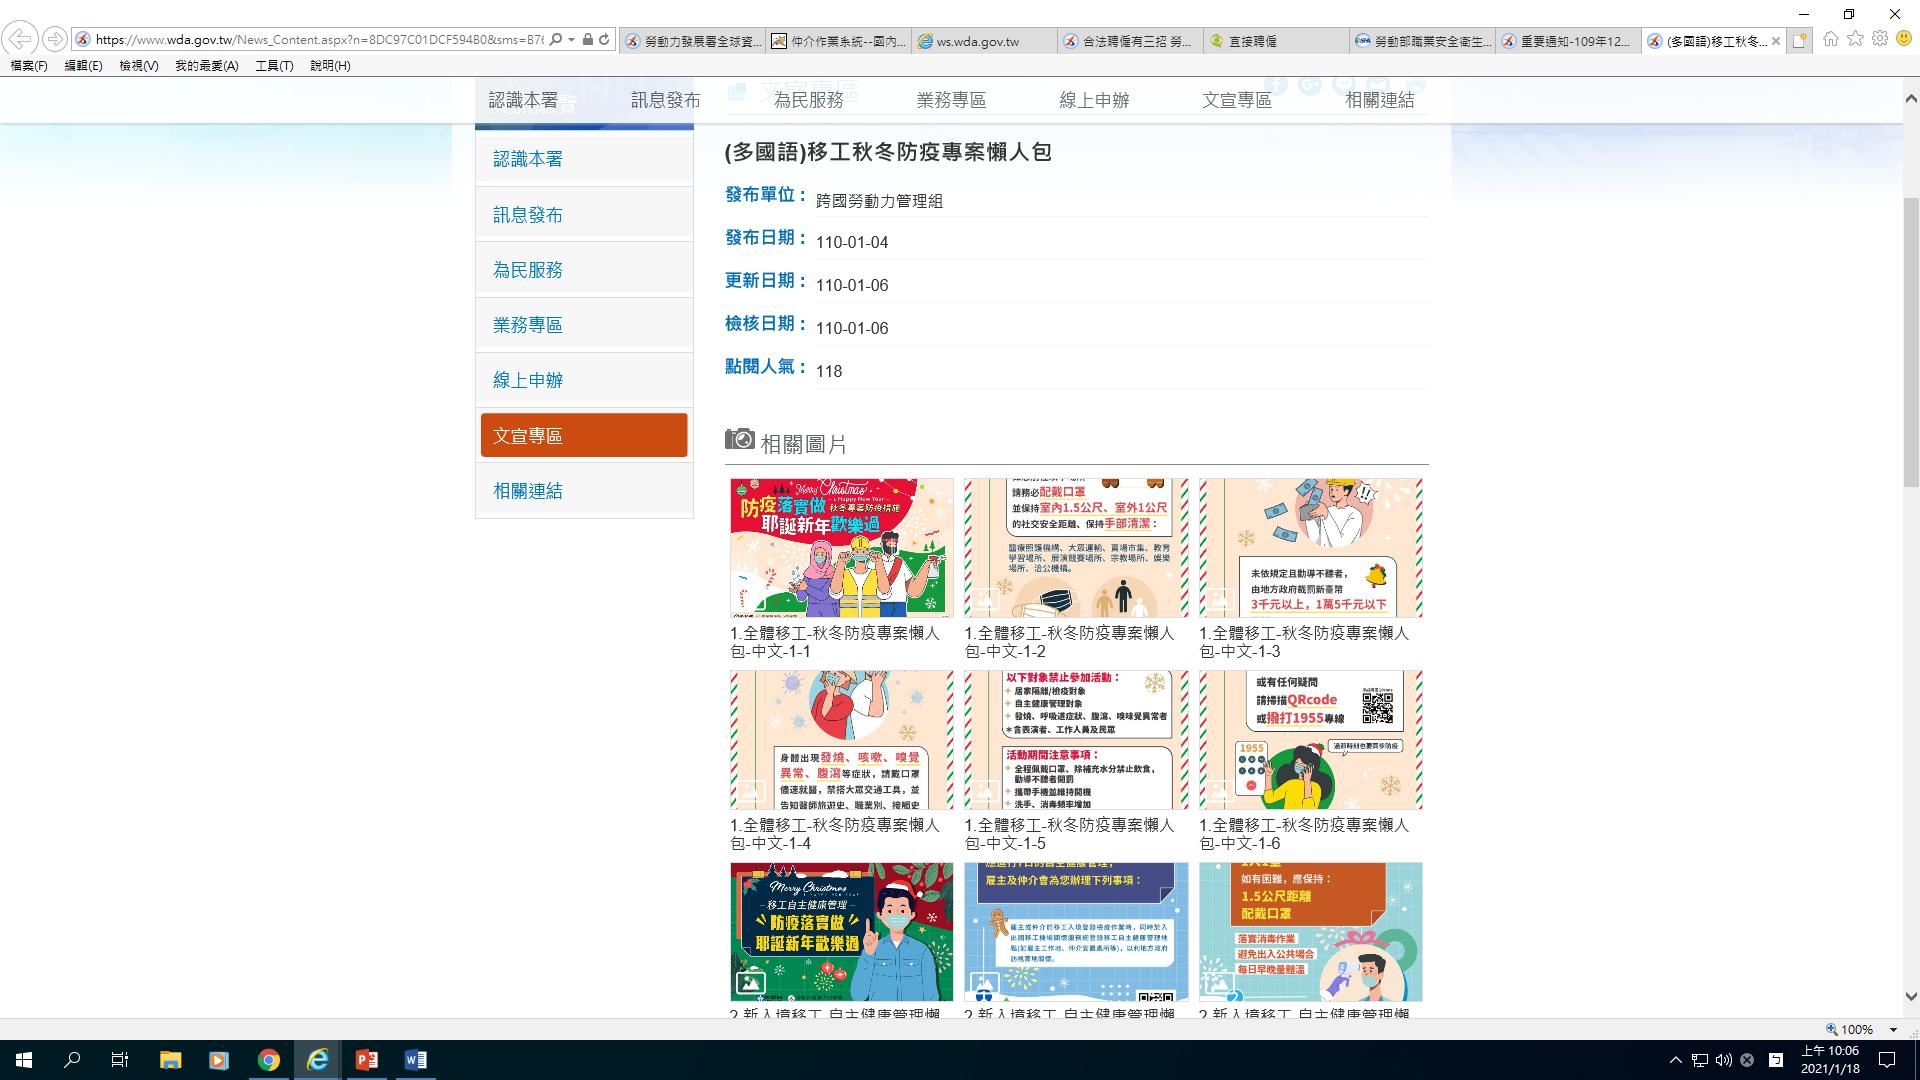 移工秋冬防疫專案懶人包網頁畫面